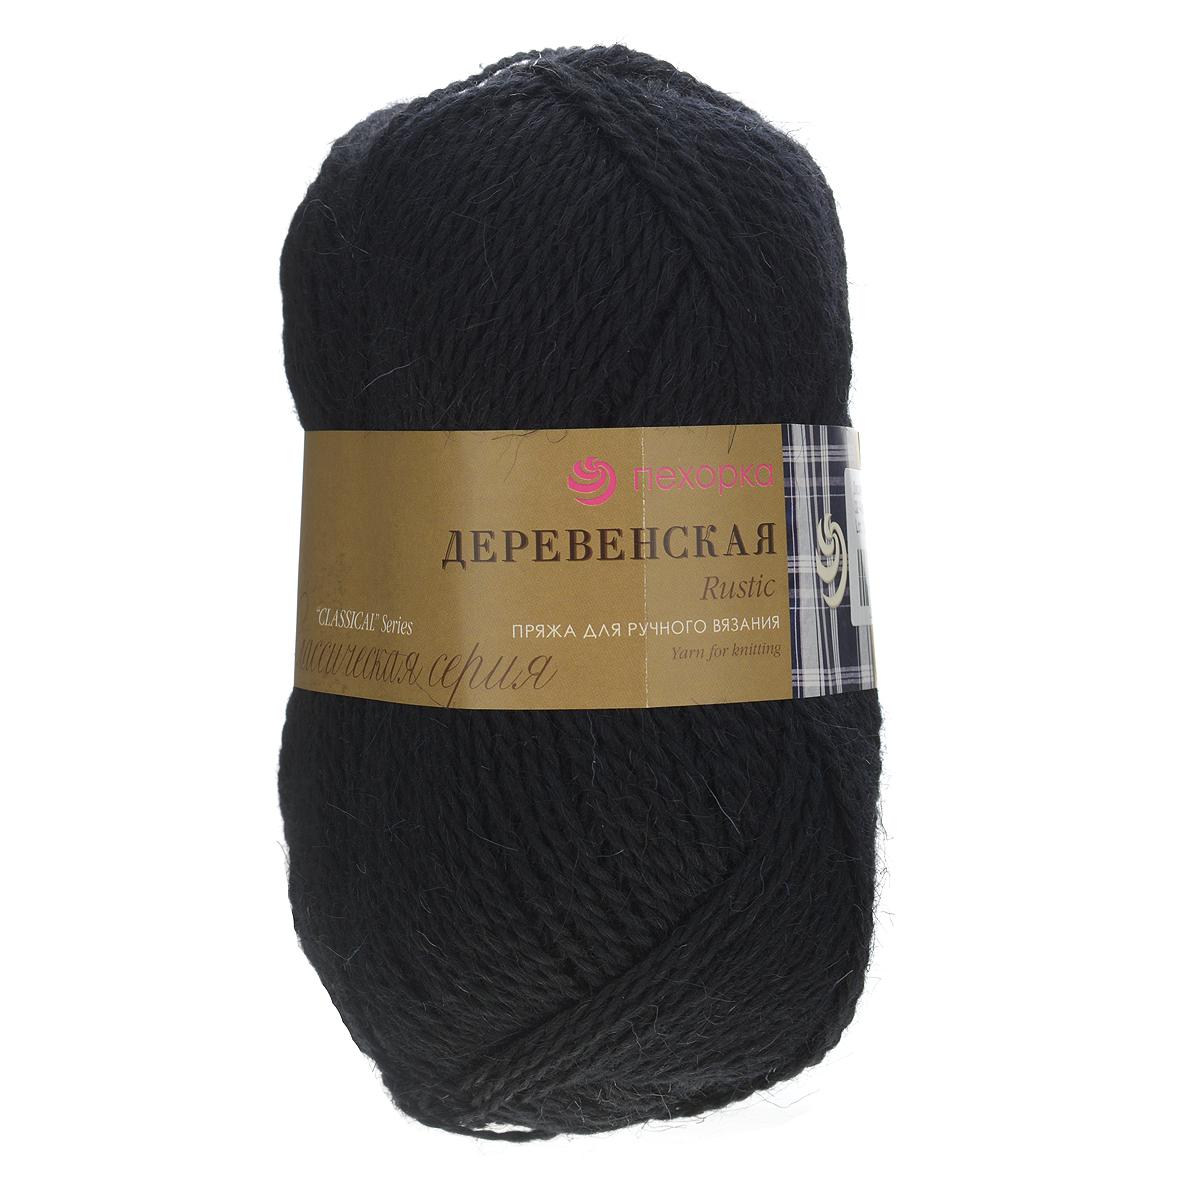 Пряжа для вязания Пехорка Деревенская, цвет: черный (02), 250 м, 100 г, 10 шт360039_02_02-ЧерныйПряжа для вязания Пехорка Деревенская изготовлена из 100% полугрубой шерсти. С ее помощью вы сможете связать рукавицы, носки, жилетки, свитера именно. Такой трикотаж получается колючий, но теплый, а также прекрасно держит форму. Рекомендуемые спицы для вязания №3,5. Толщина нити: 2 мм.